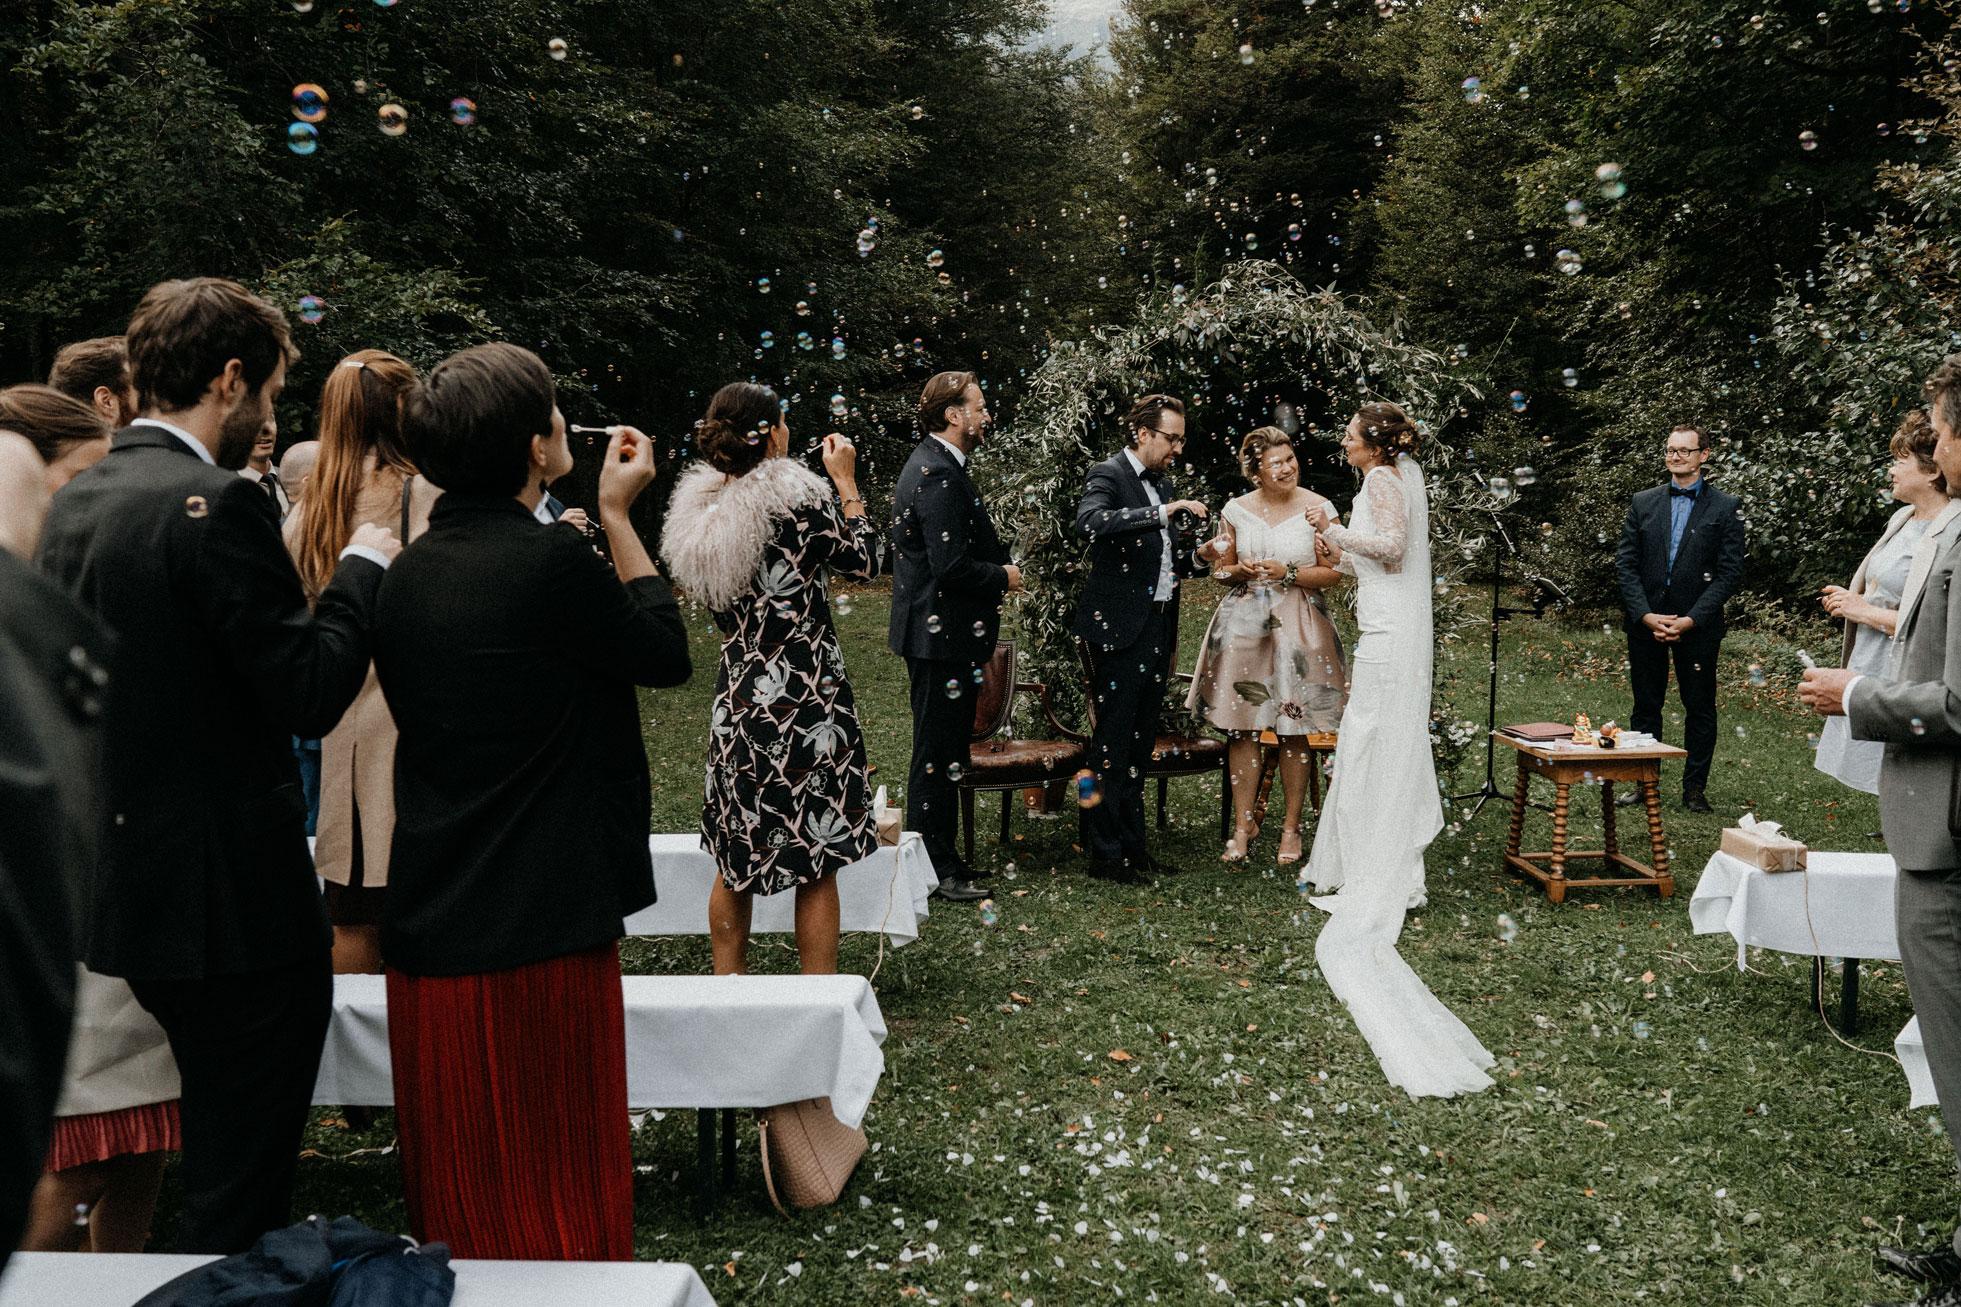 Hochzeit_Claire_Manuel_Villa_Maund_Daniel_Jenny-241.jpg